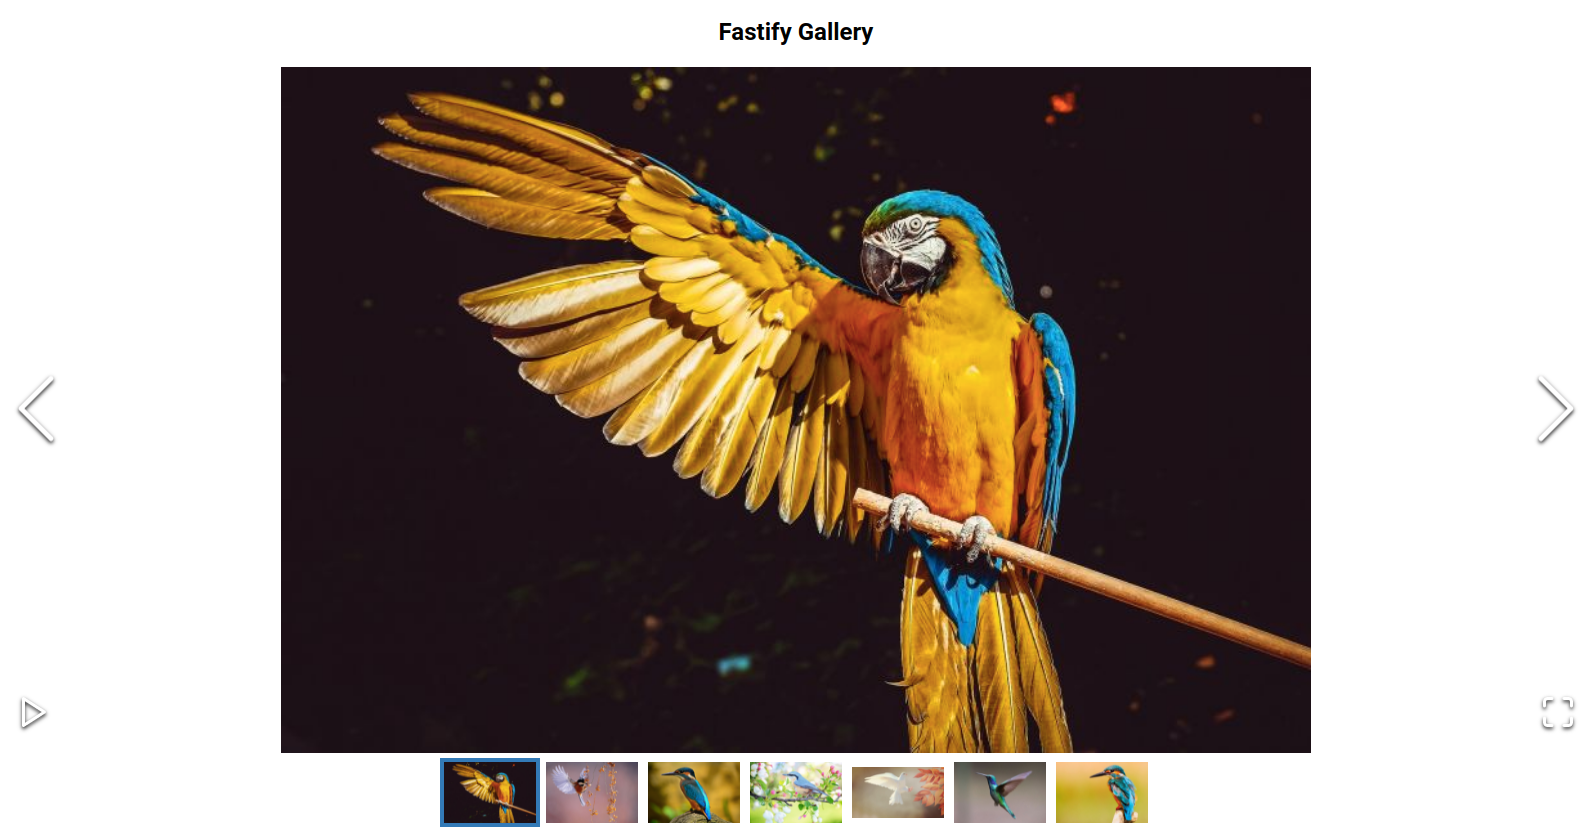 fastify gallery